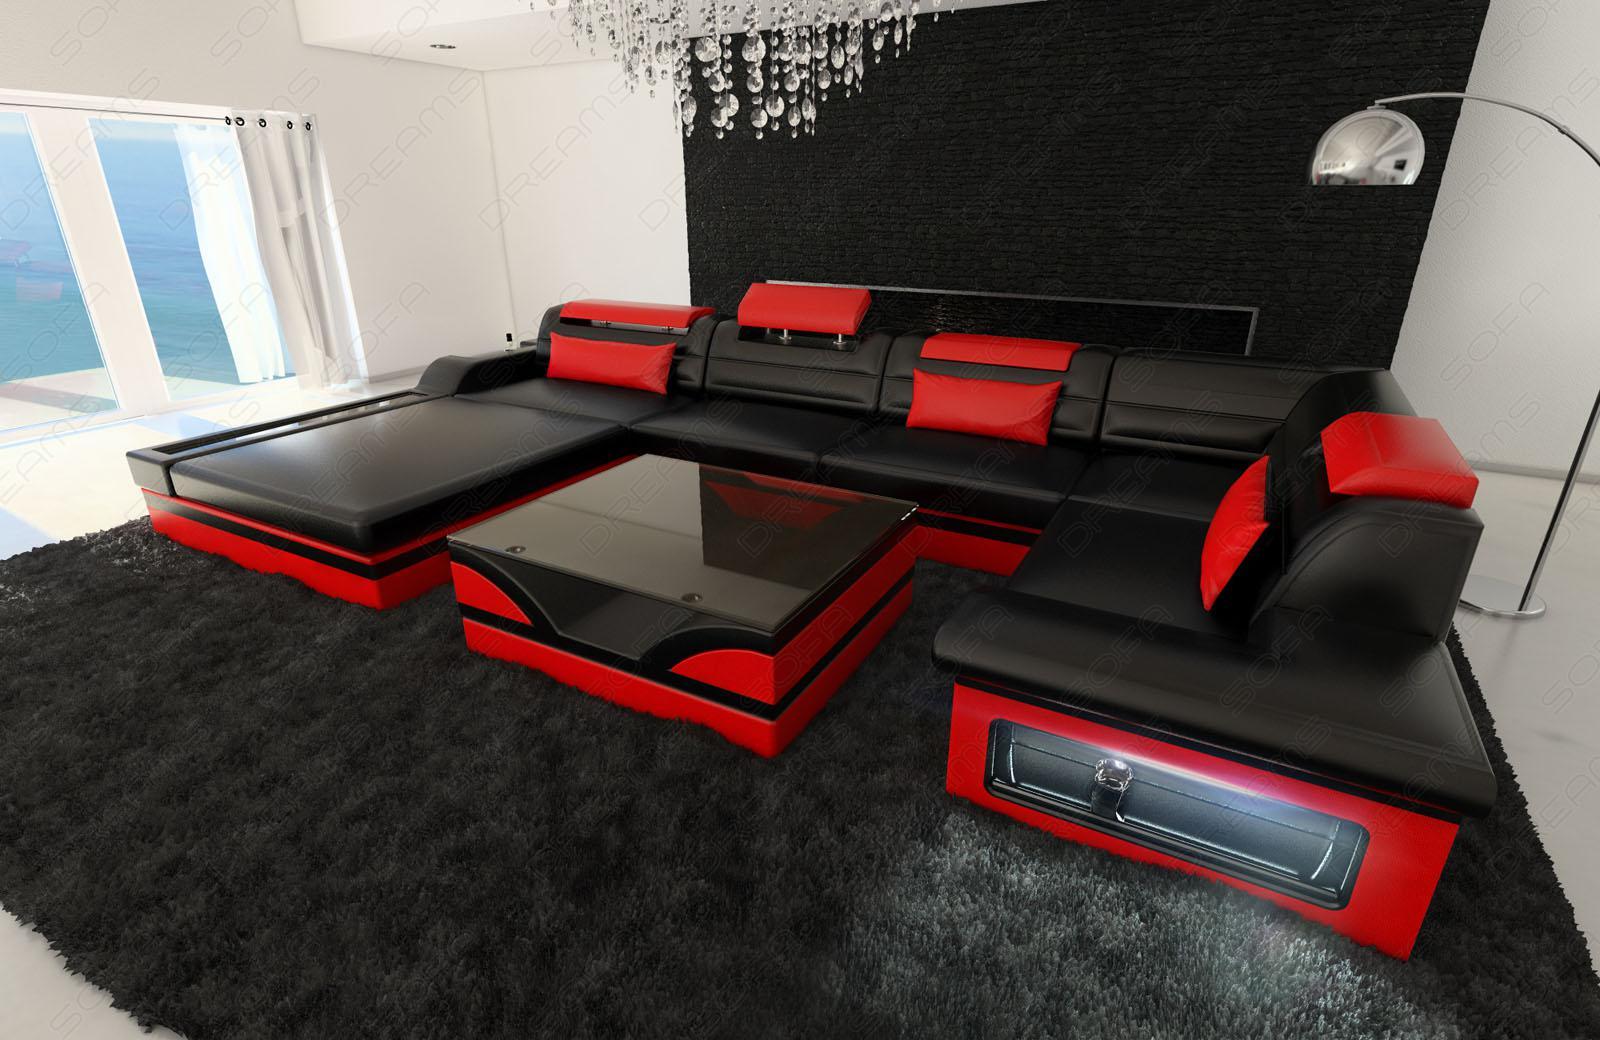 luxus wohnlandschaft mezzo mit led schwarz rot kaufen bei pmr handelsgesellschaft mbh. Black Bedroom Furniture Sets. Home Design Ideas